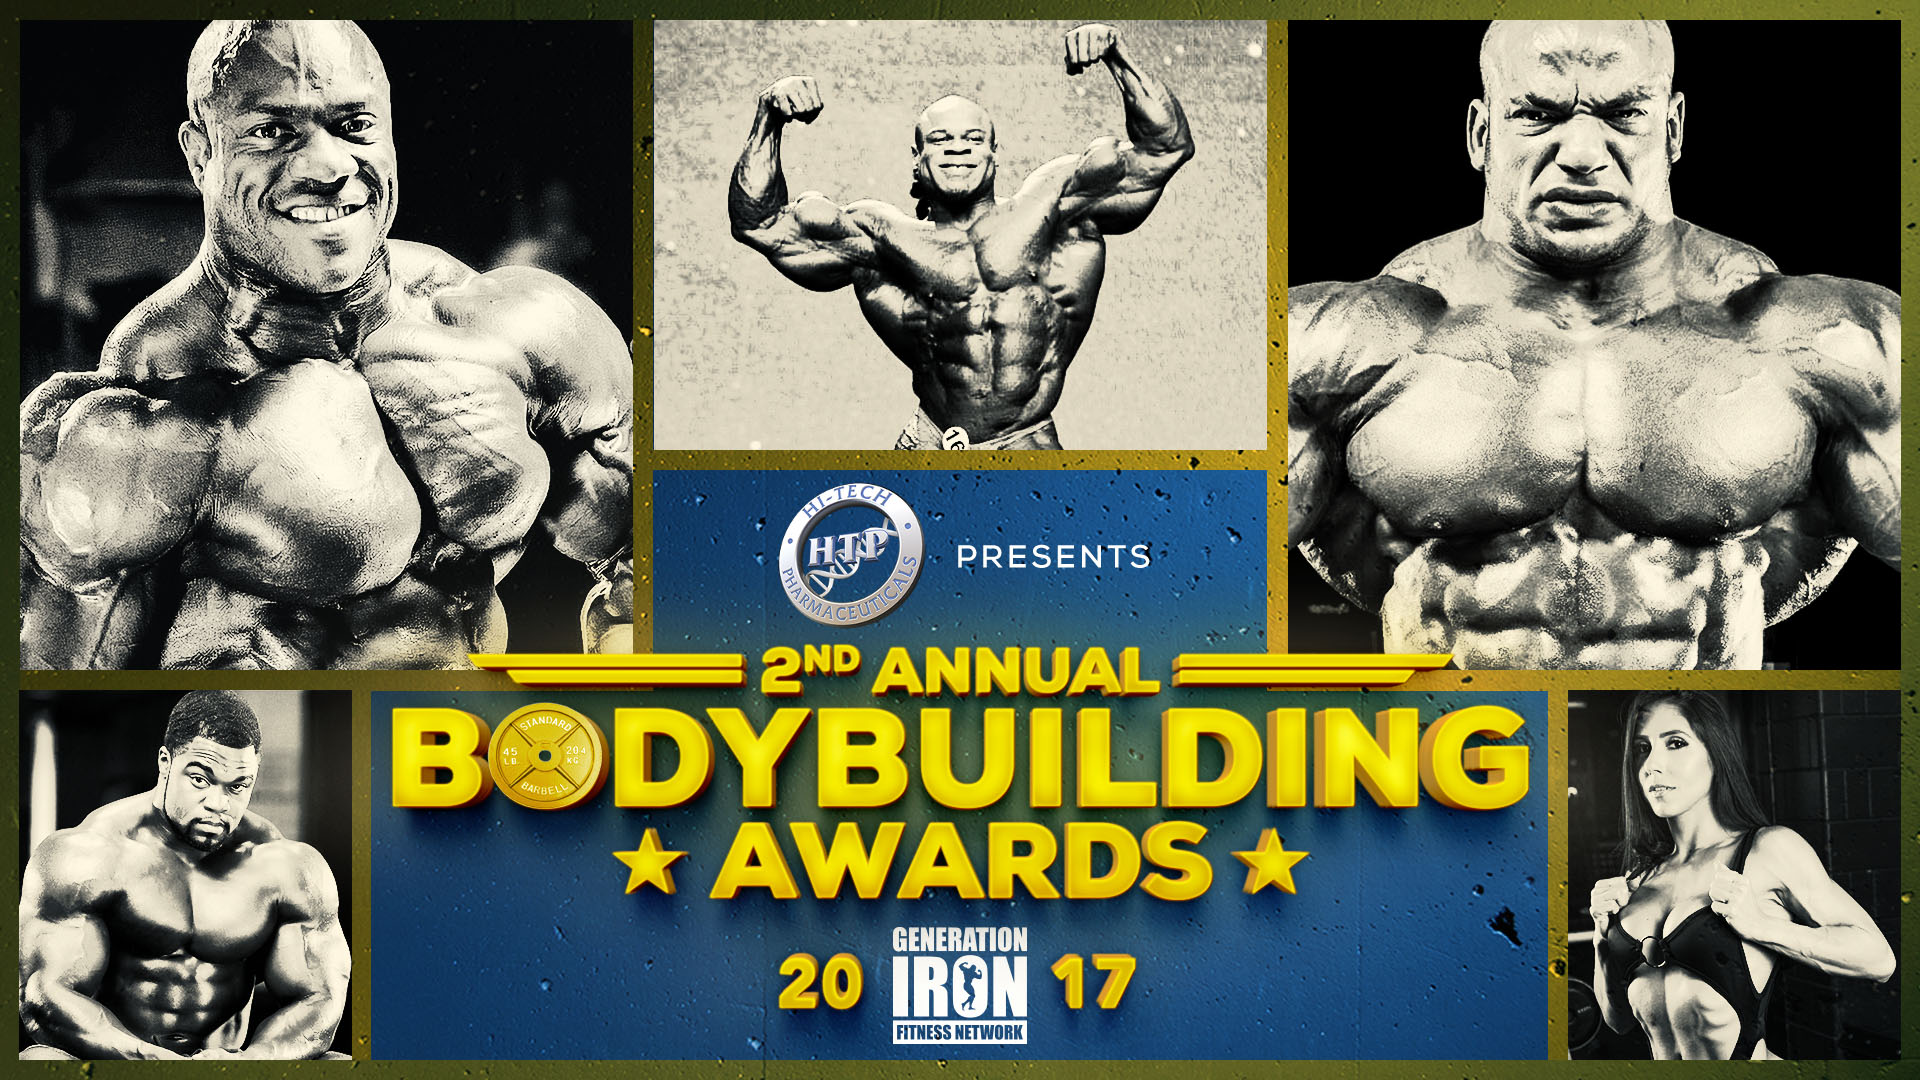 Generation Iron Bodybuilding Awards 2017